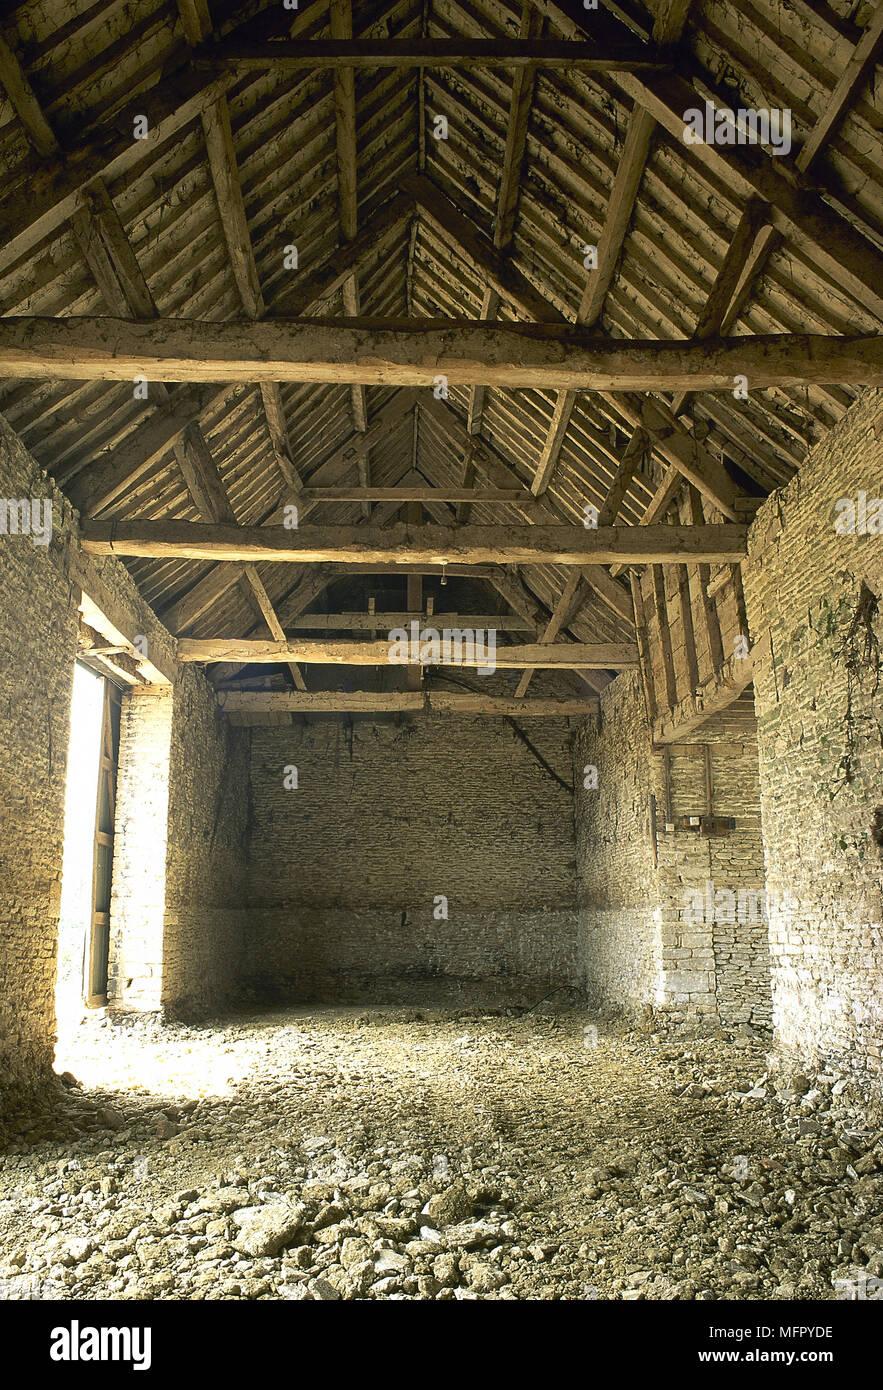 Mur Pierre Apparente Intérieur intérieur d'une détérioration de la grange en pierre avec